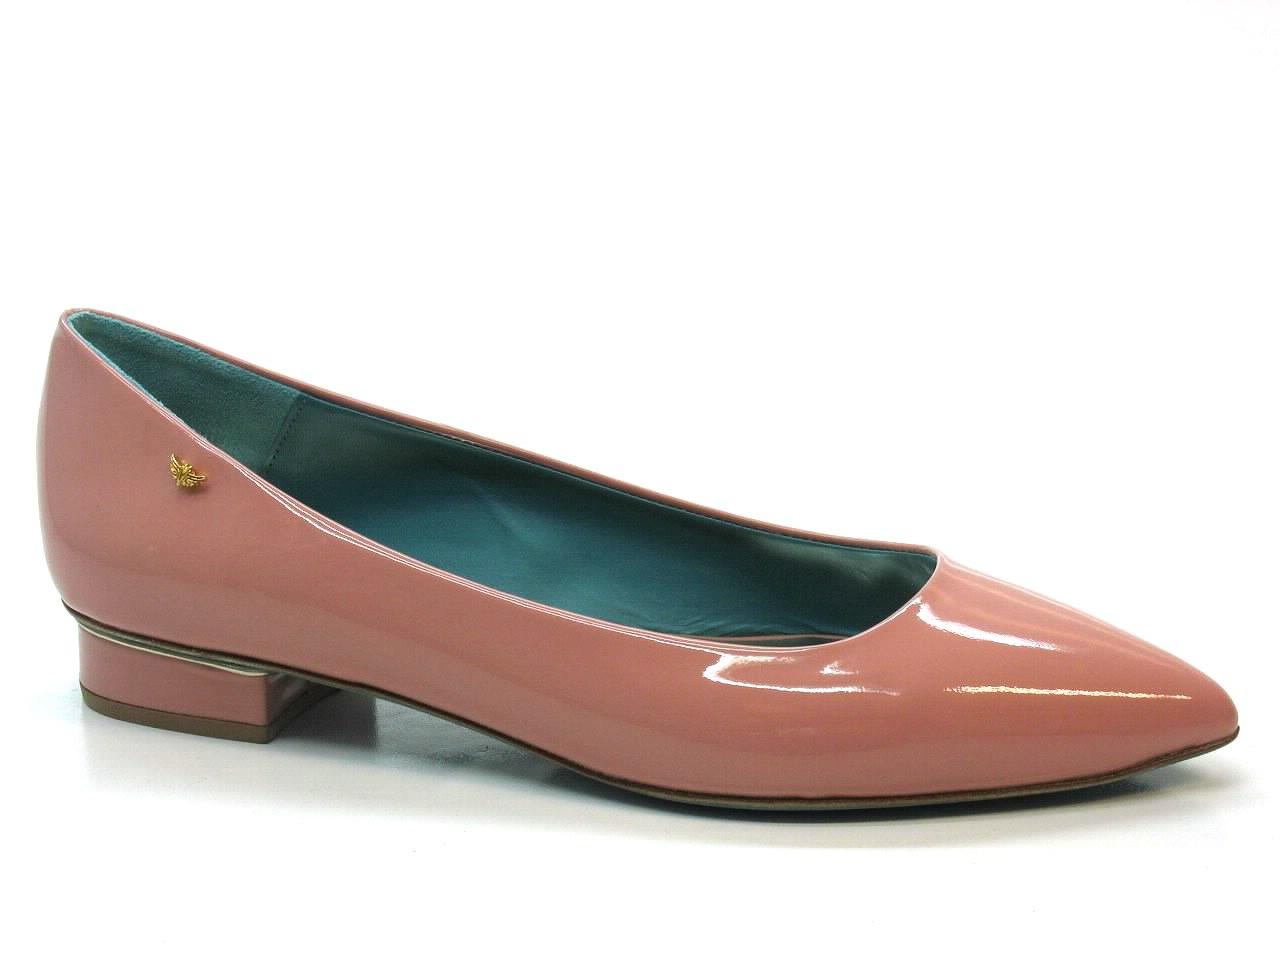 Zapatos Planos, Sabrinas, Mocassins Miguel Vieira - 001 MVW14045